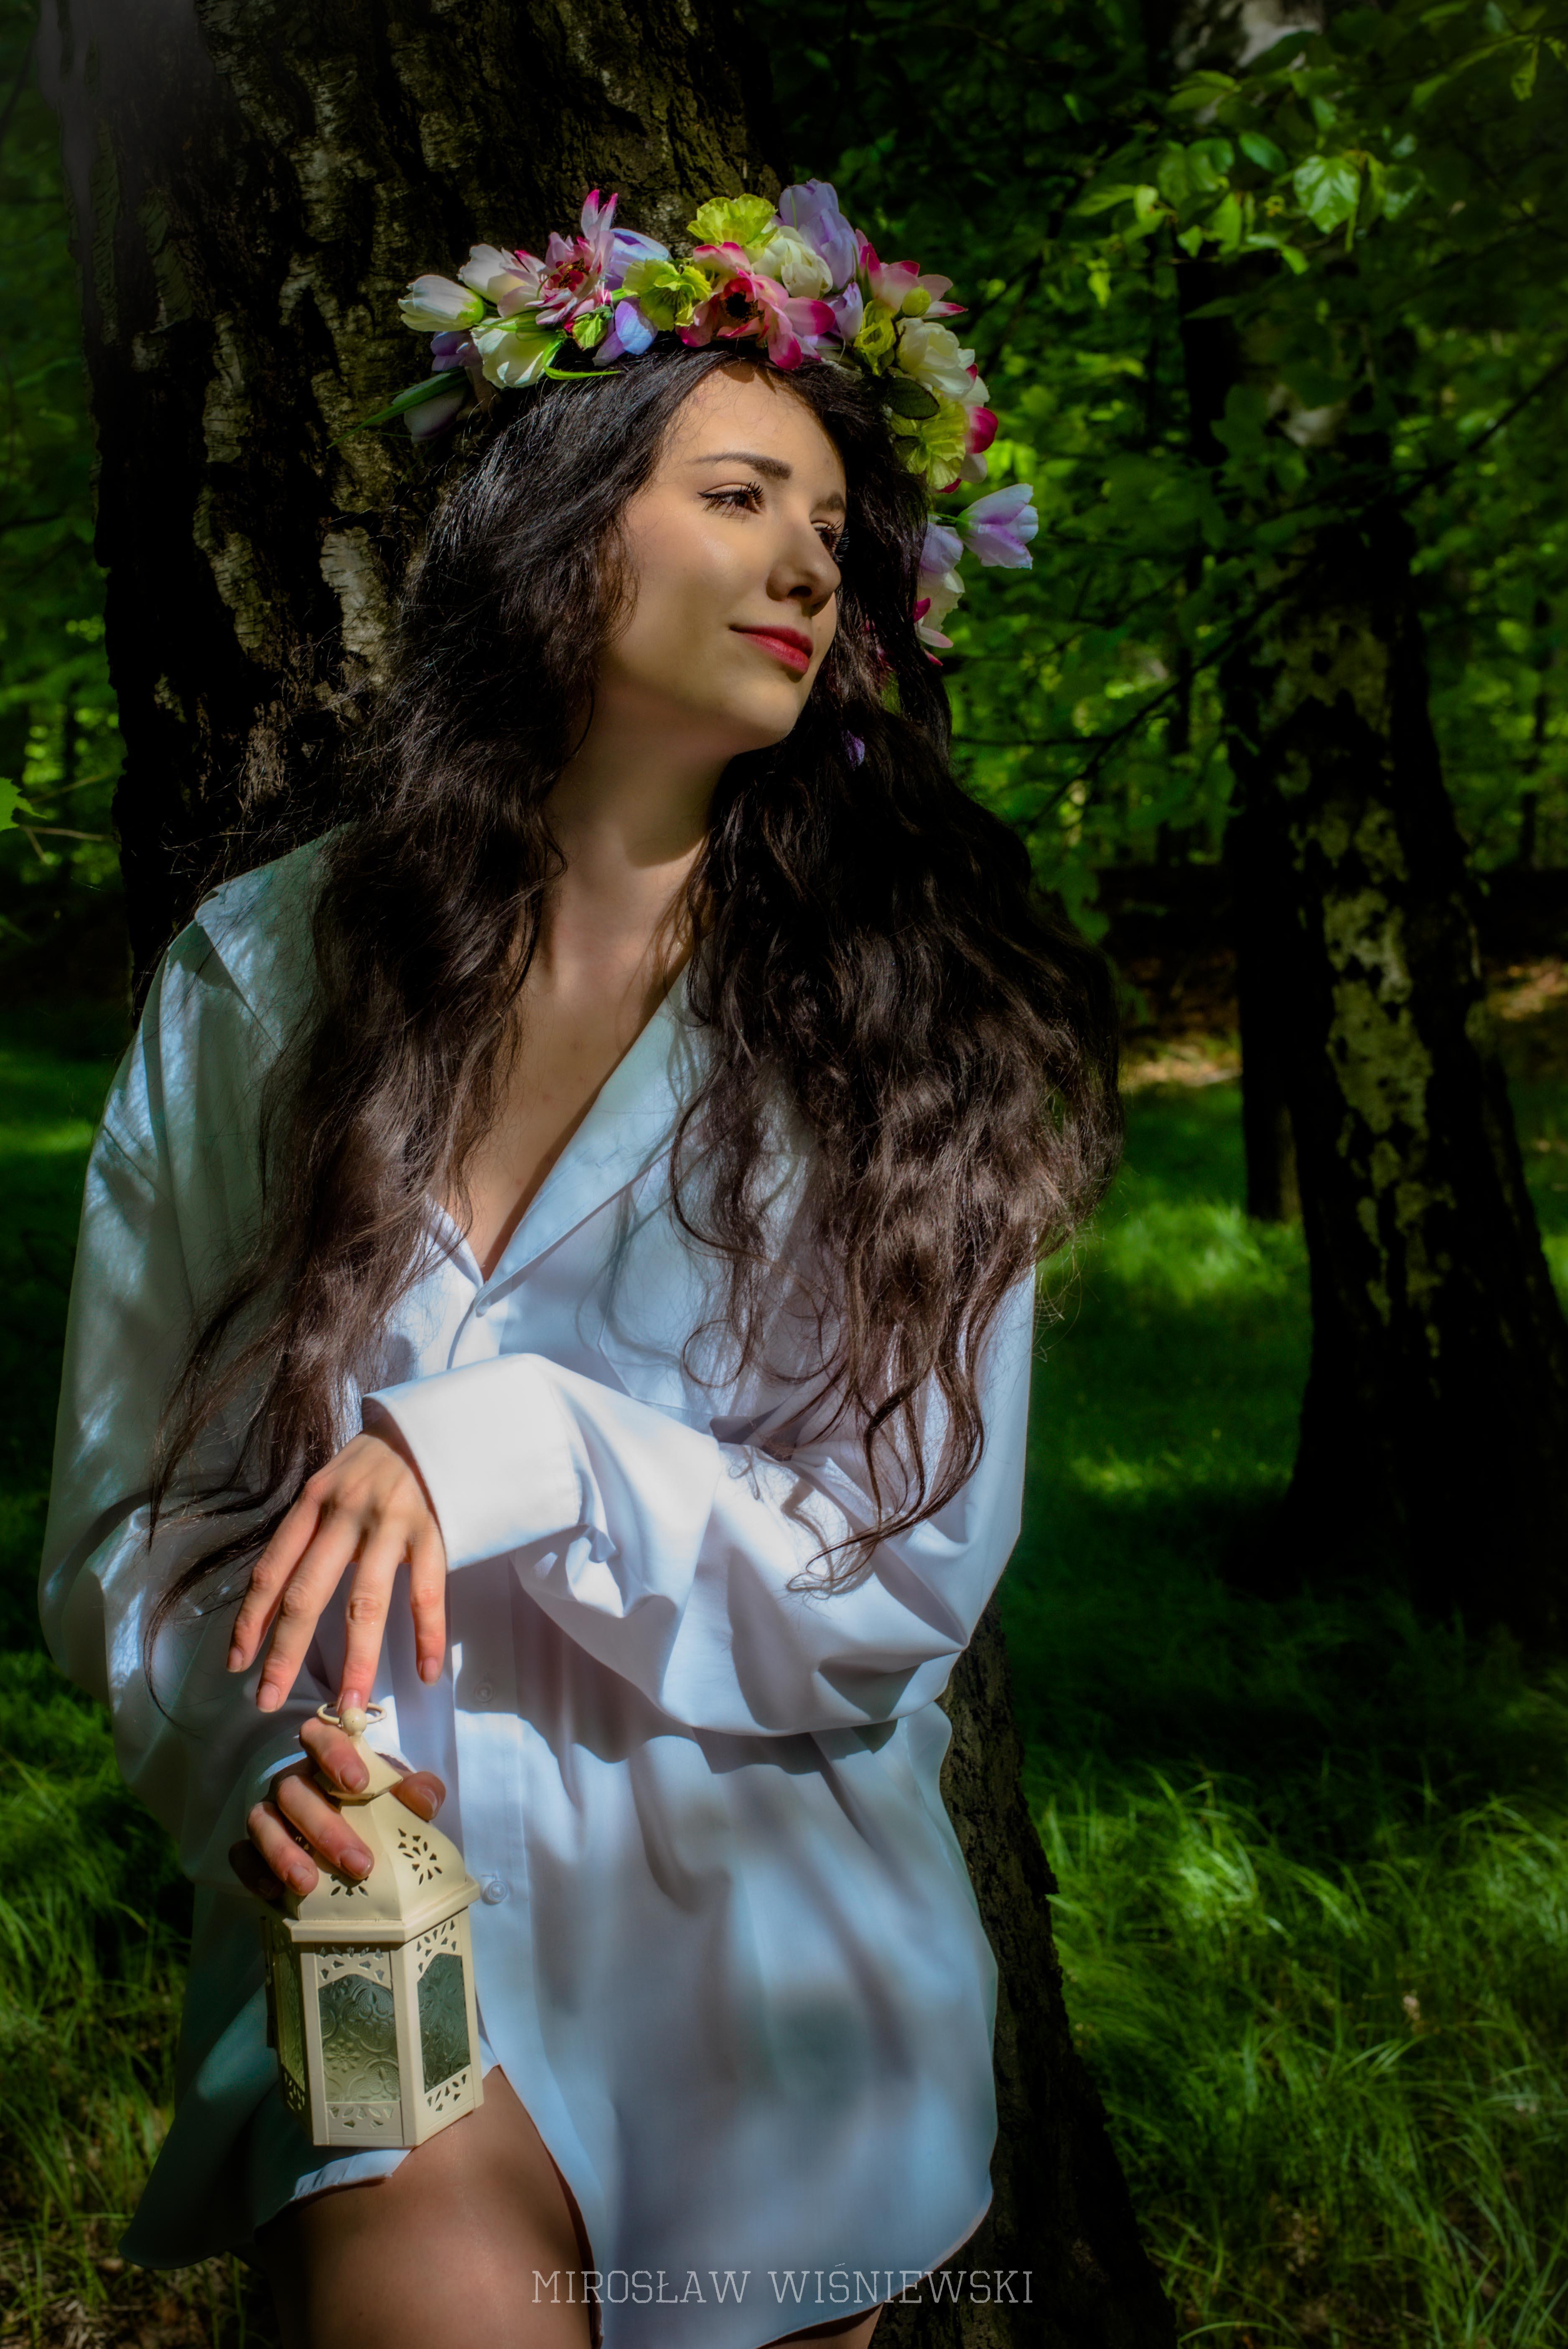 sesja plenerowa , zdjęcia Mirosław Wiśniewski fotograf